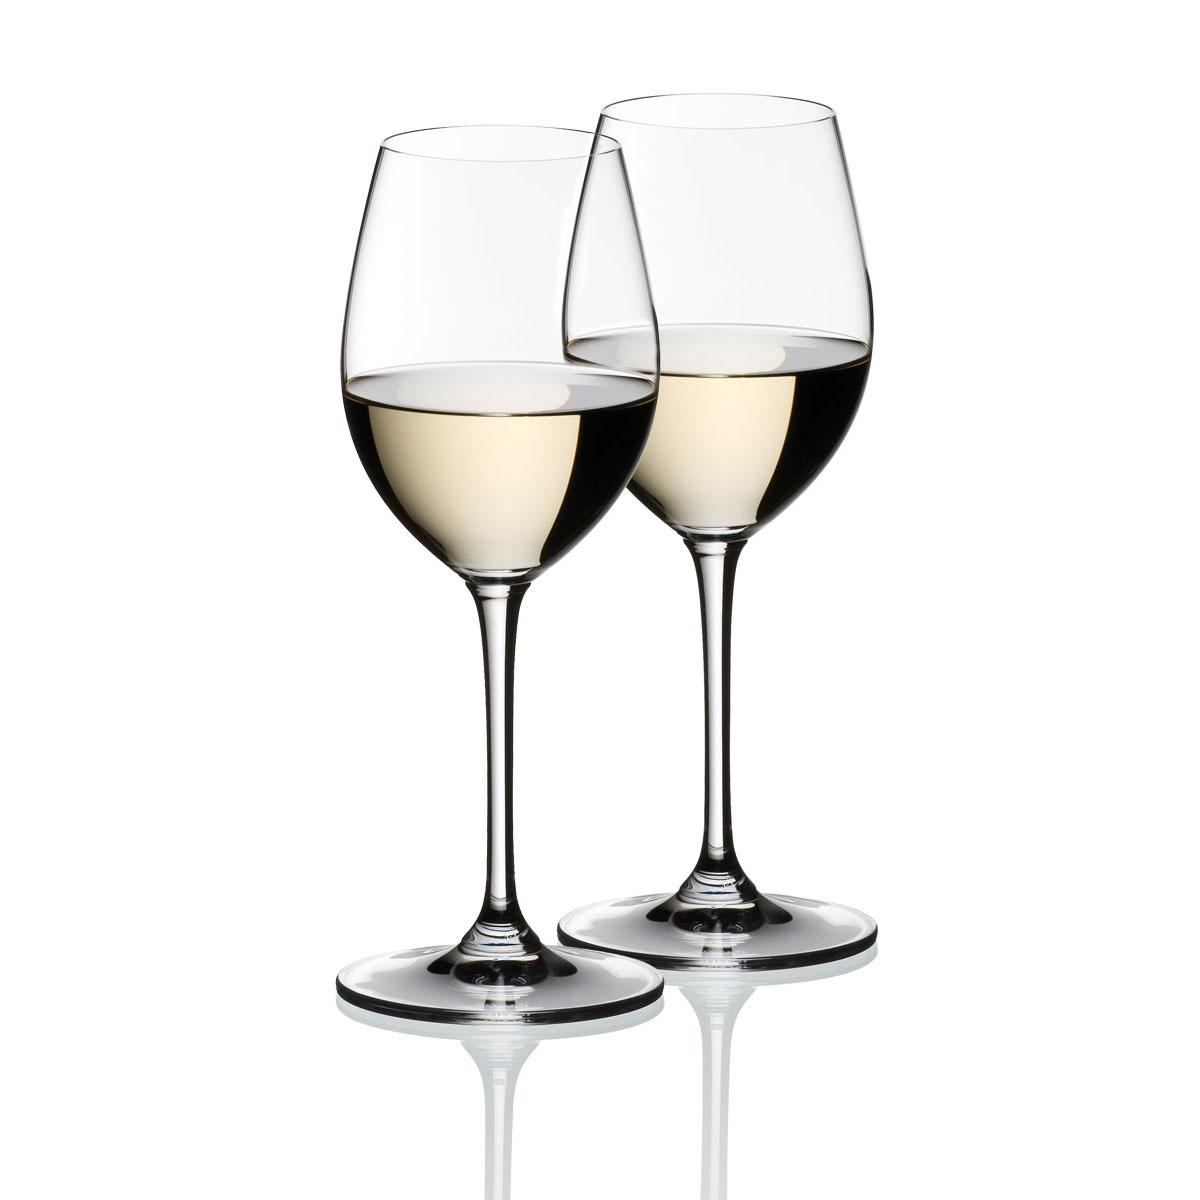 Riedel Vinum, Sauvignon Blanc Wine Glasses, Pair